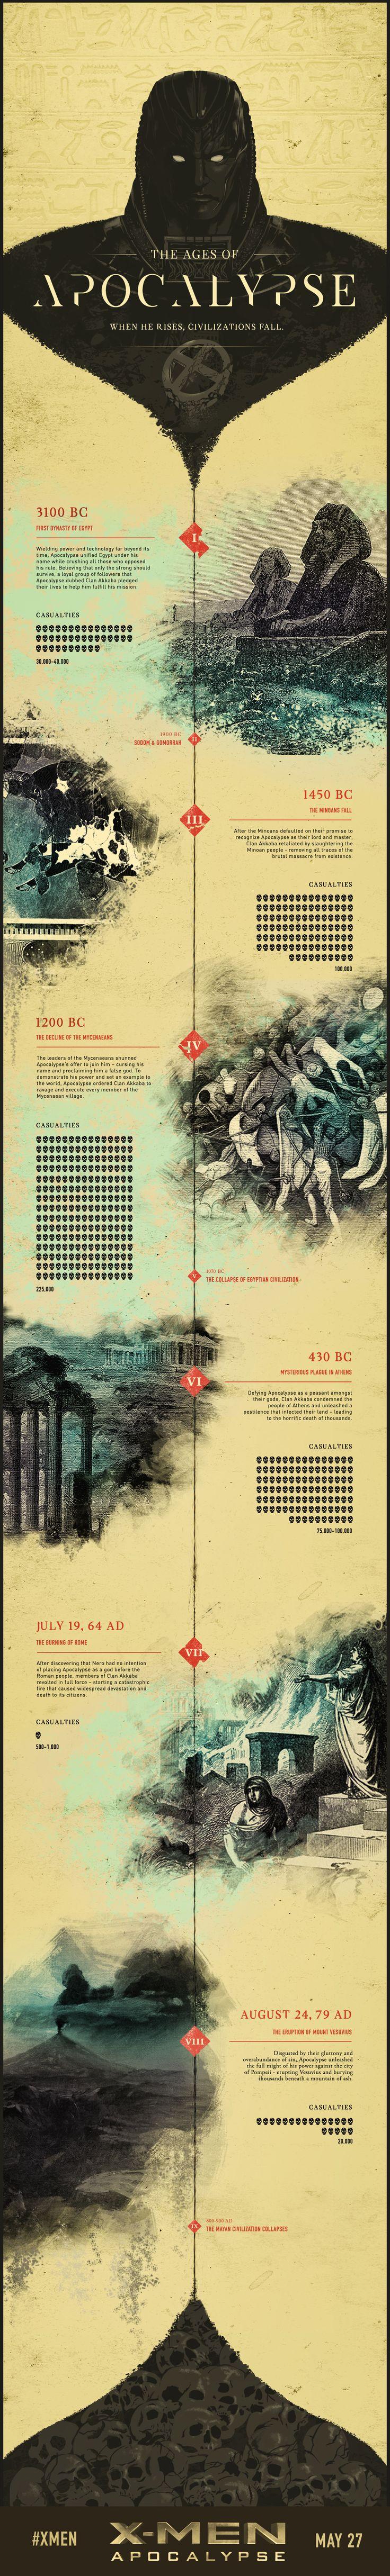 Histoire de savoir à quoi les X-Men vont se frotter dans X-Men : Apocalypse, voici venir une infographie et un bout de faux reportage sur le mutant immortel En Sabah Nur.